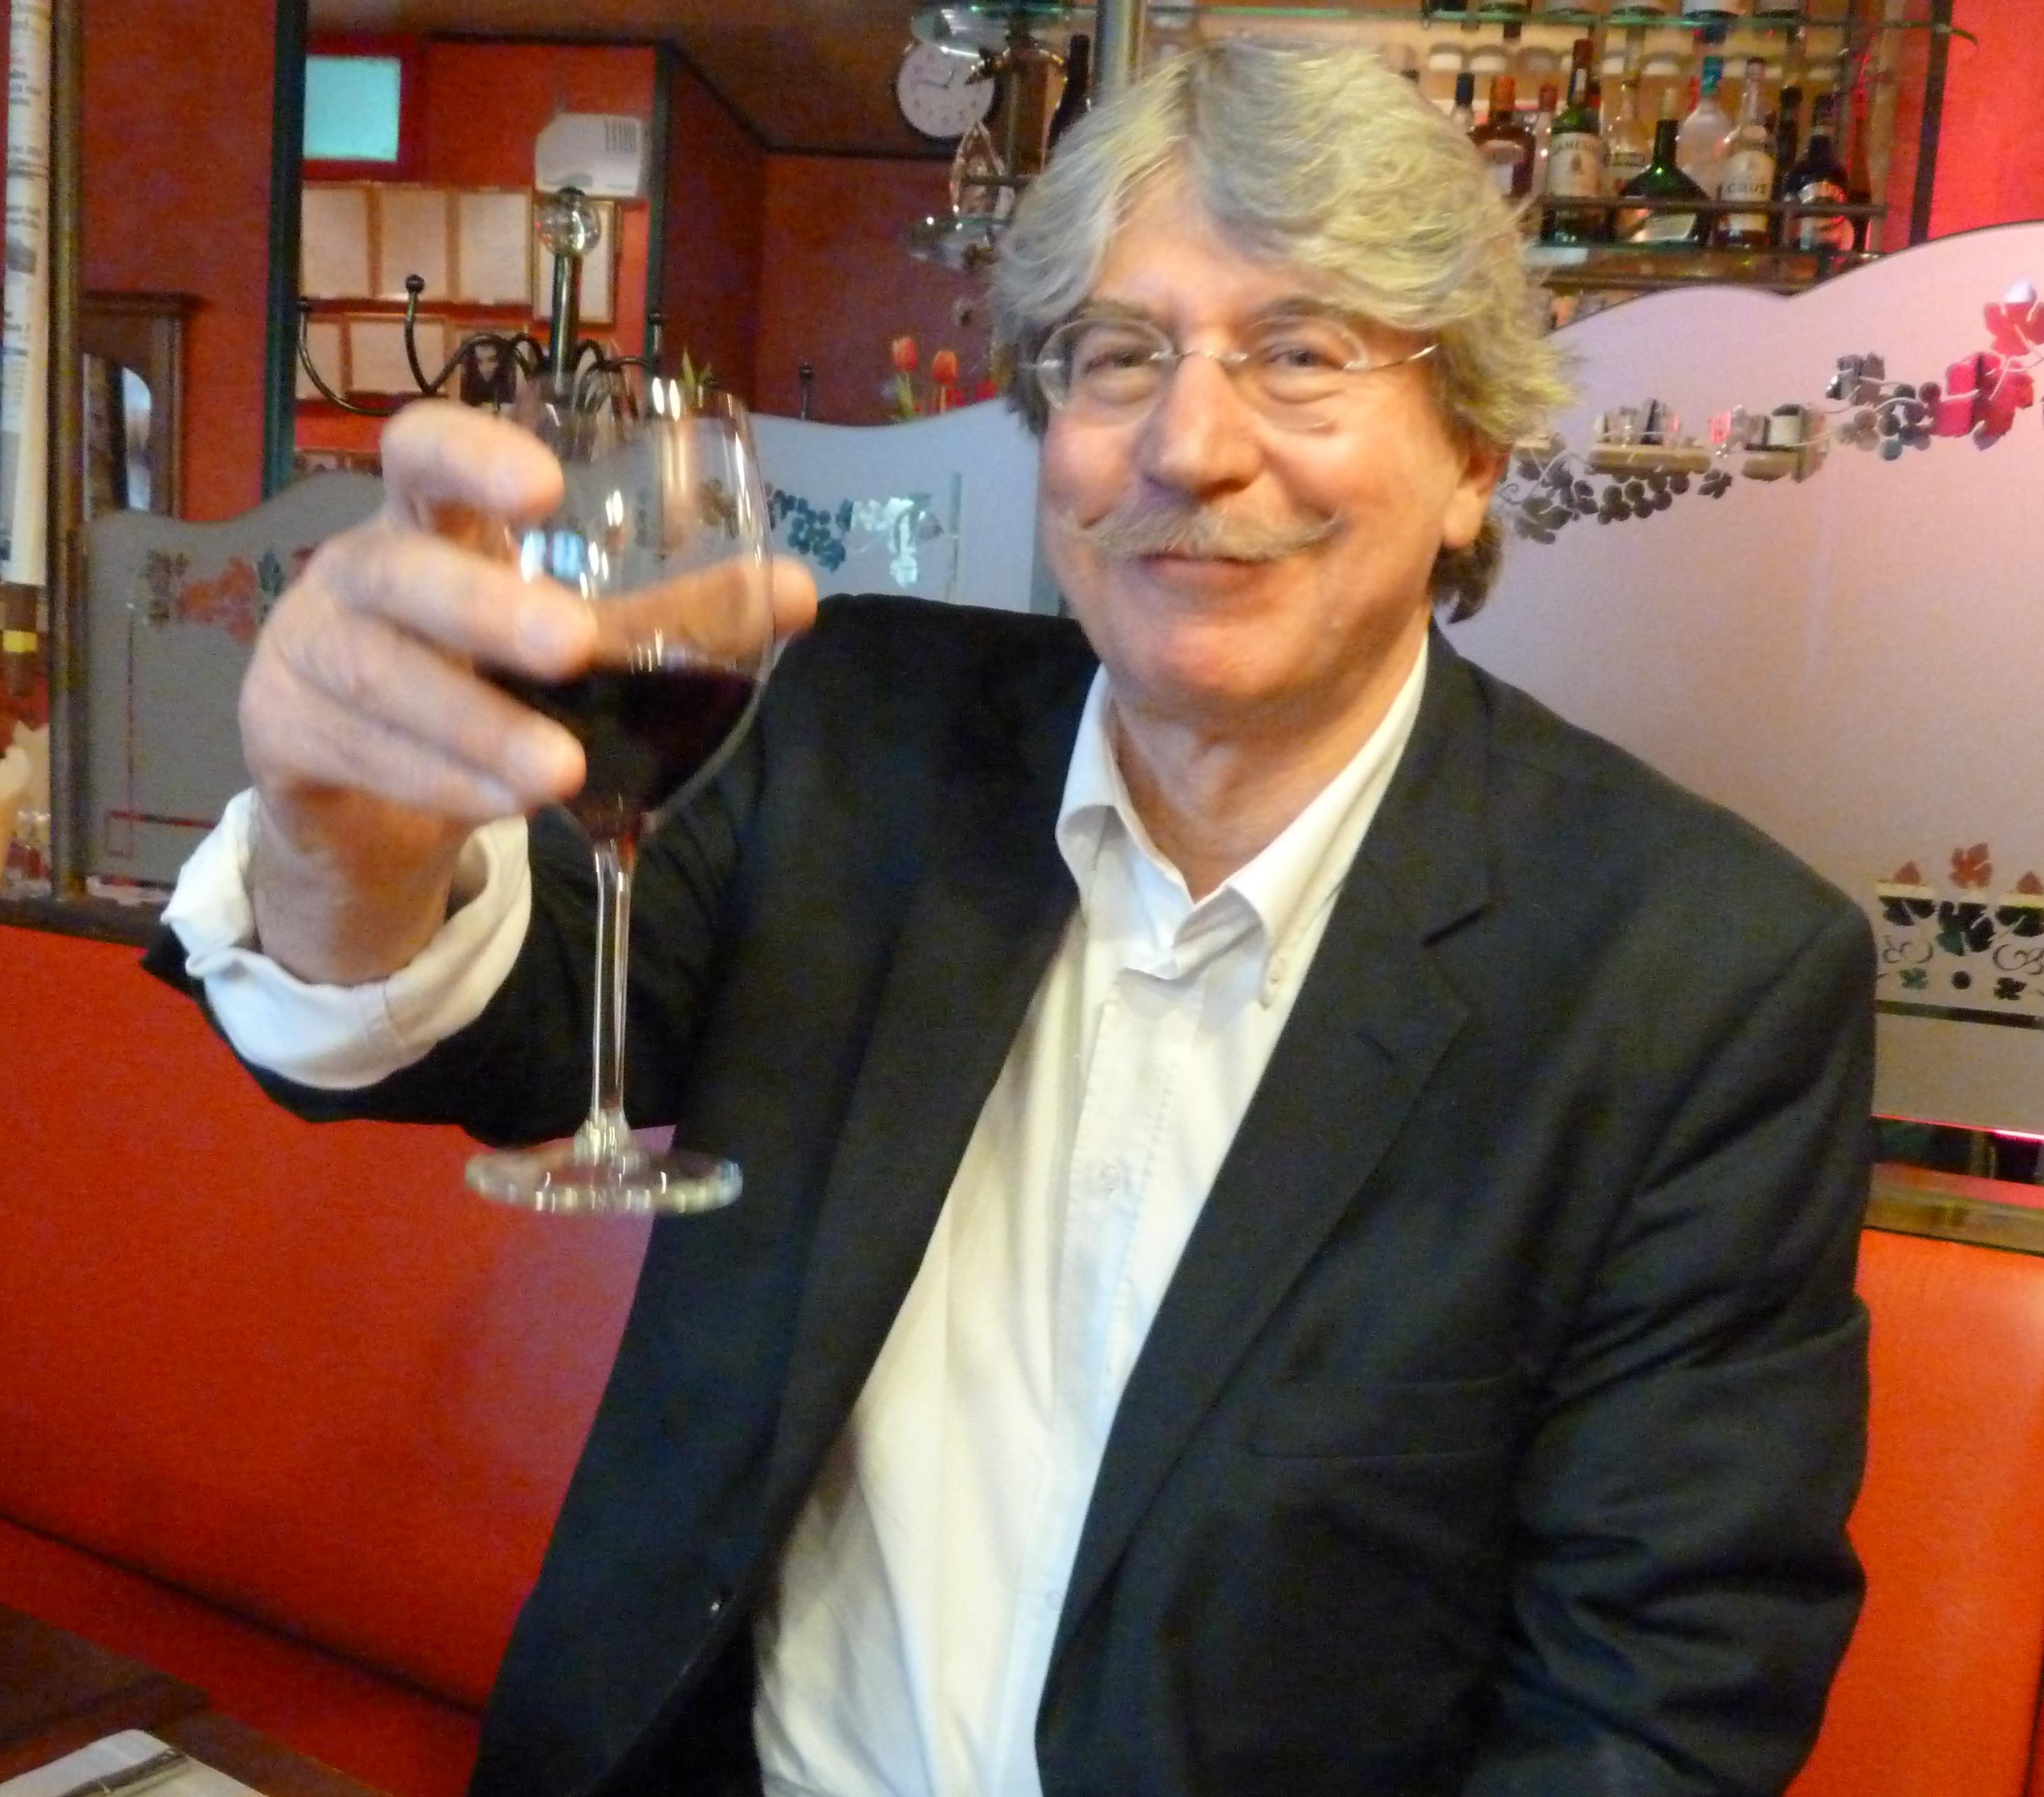 Rémois d'origine, ce journaliste s'est pris de passion pour les vins de Vienne (Isère) et de toute la France. Des crus que l'on retrouvera au 25e salon Intervins. (© Pierre Nouvelle)